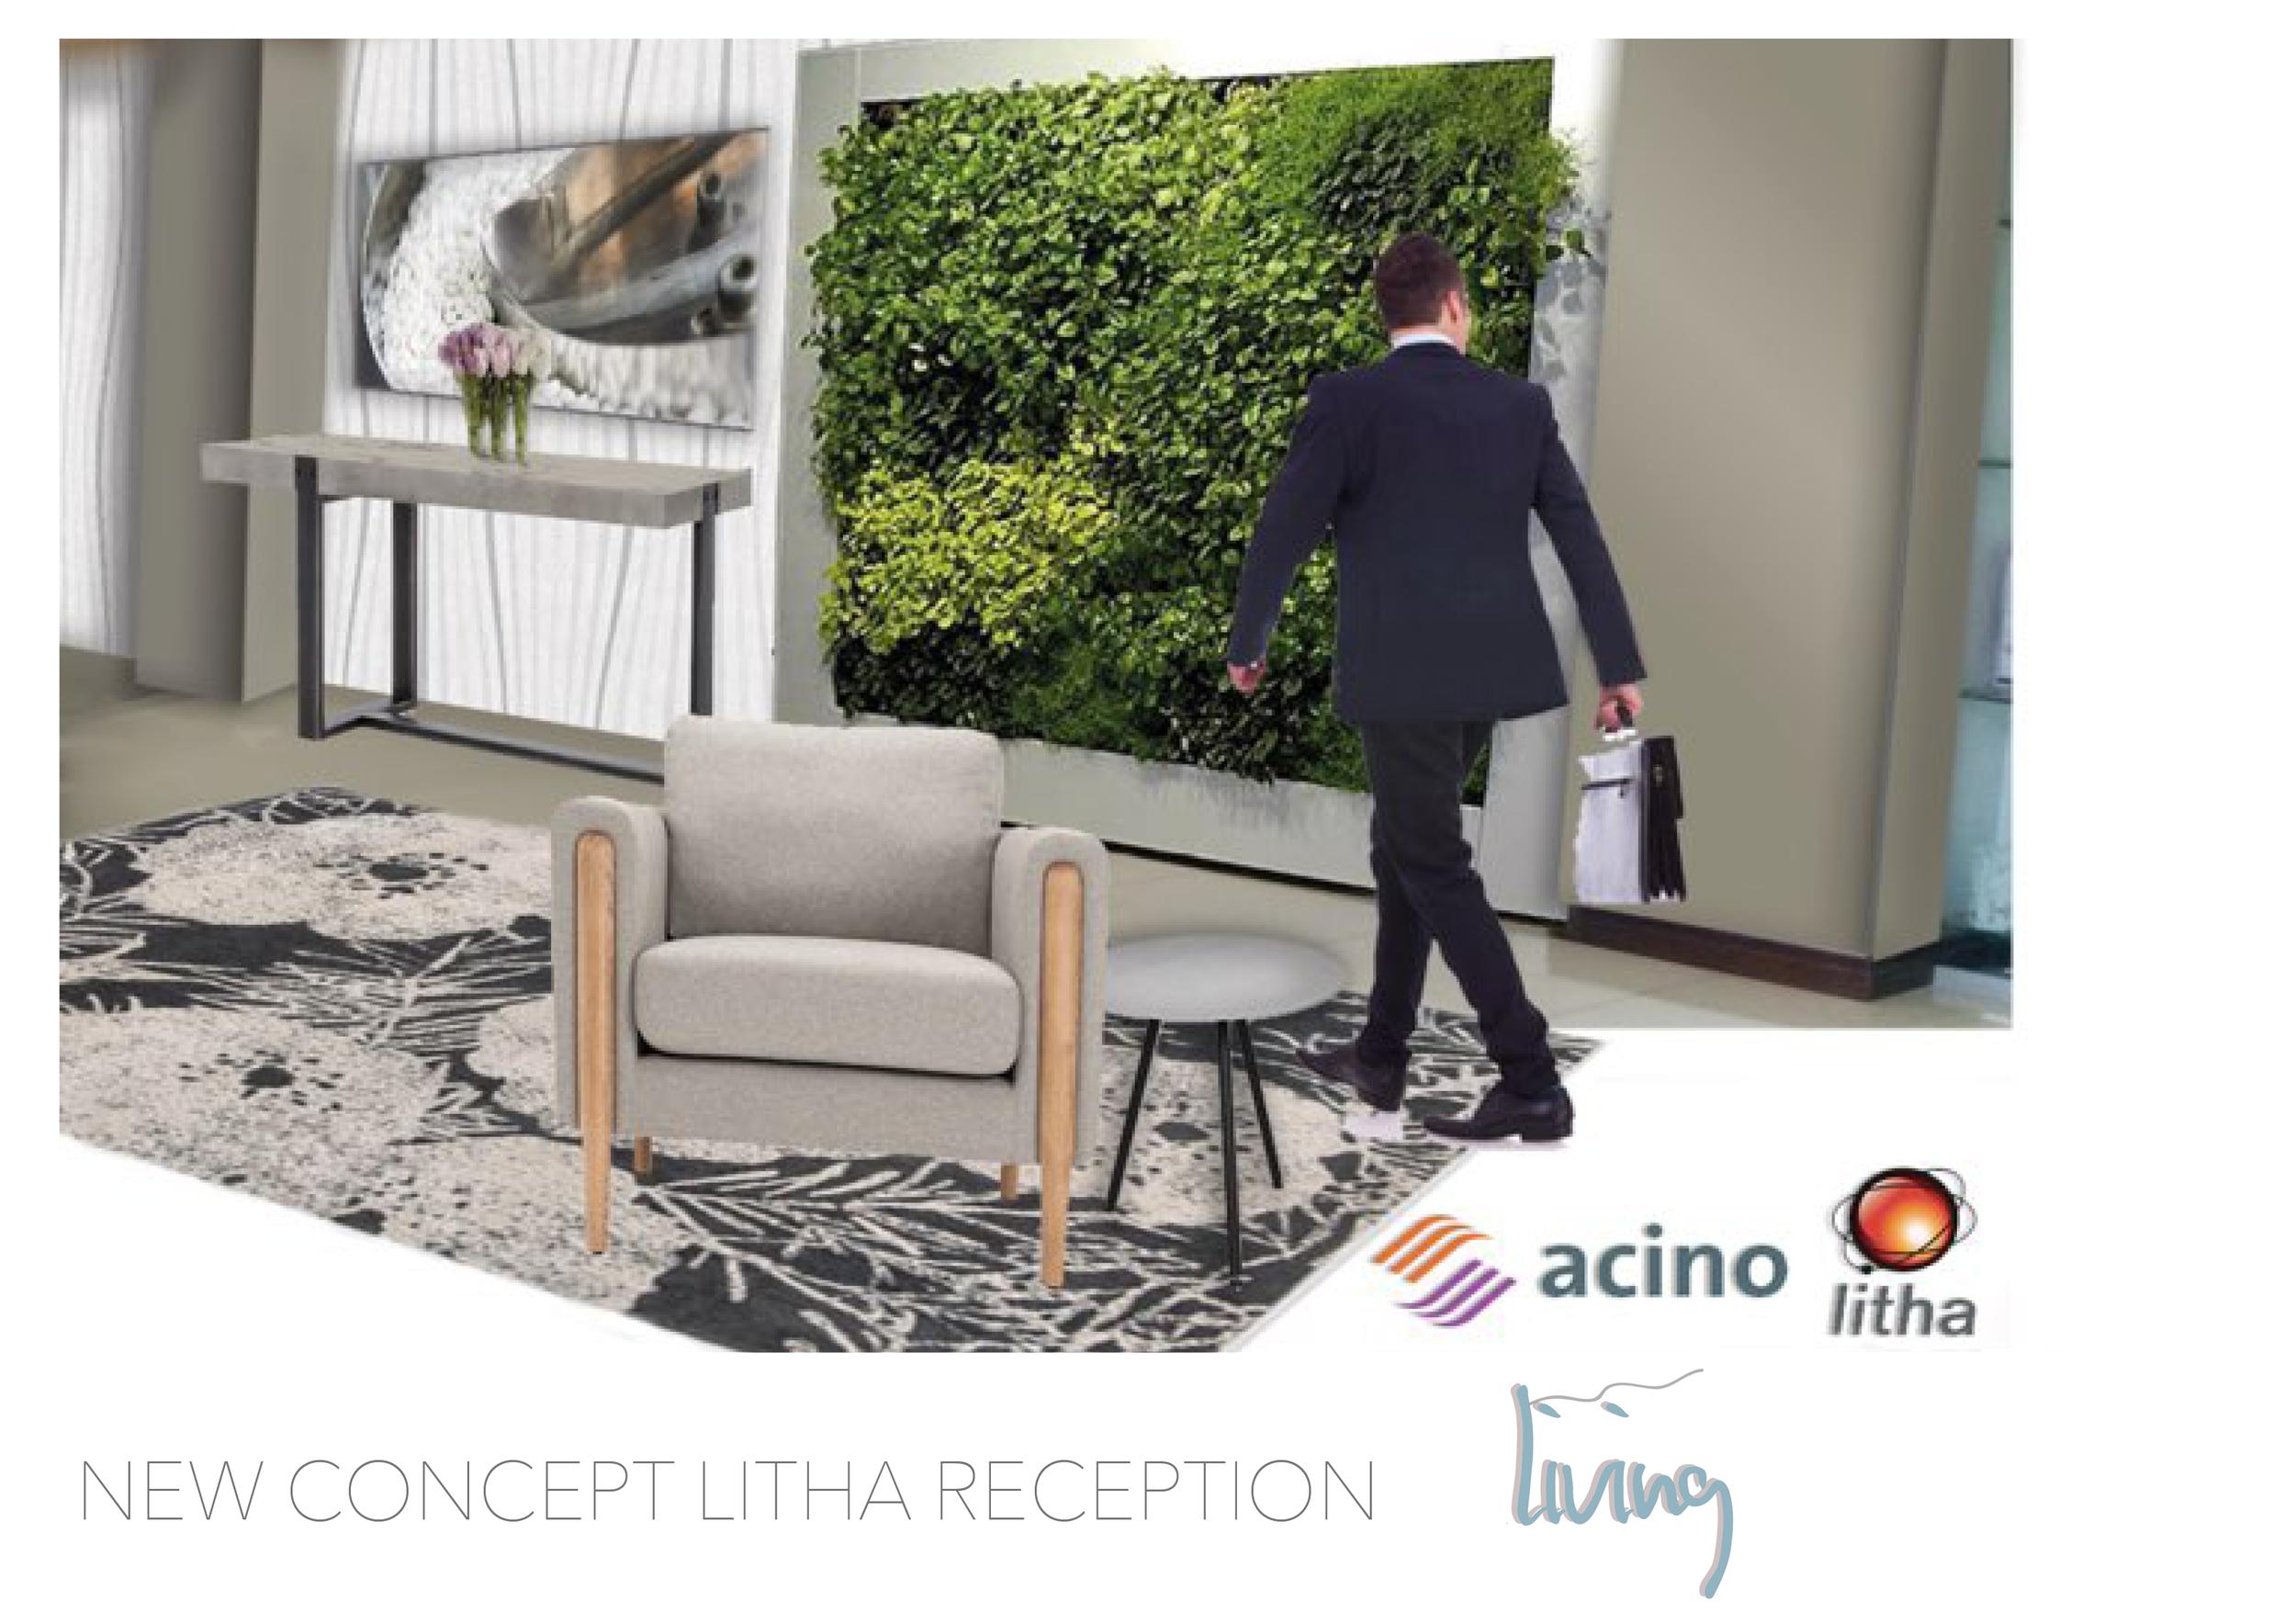 Litha_Concept_web3.png